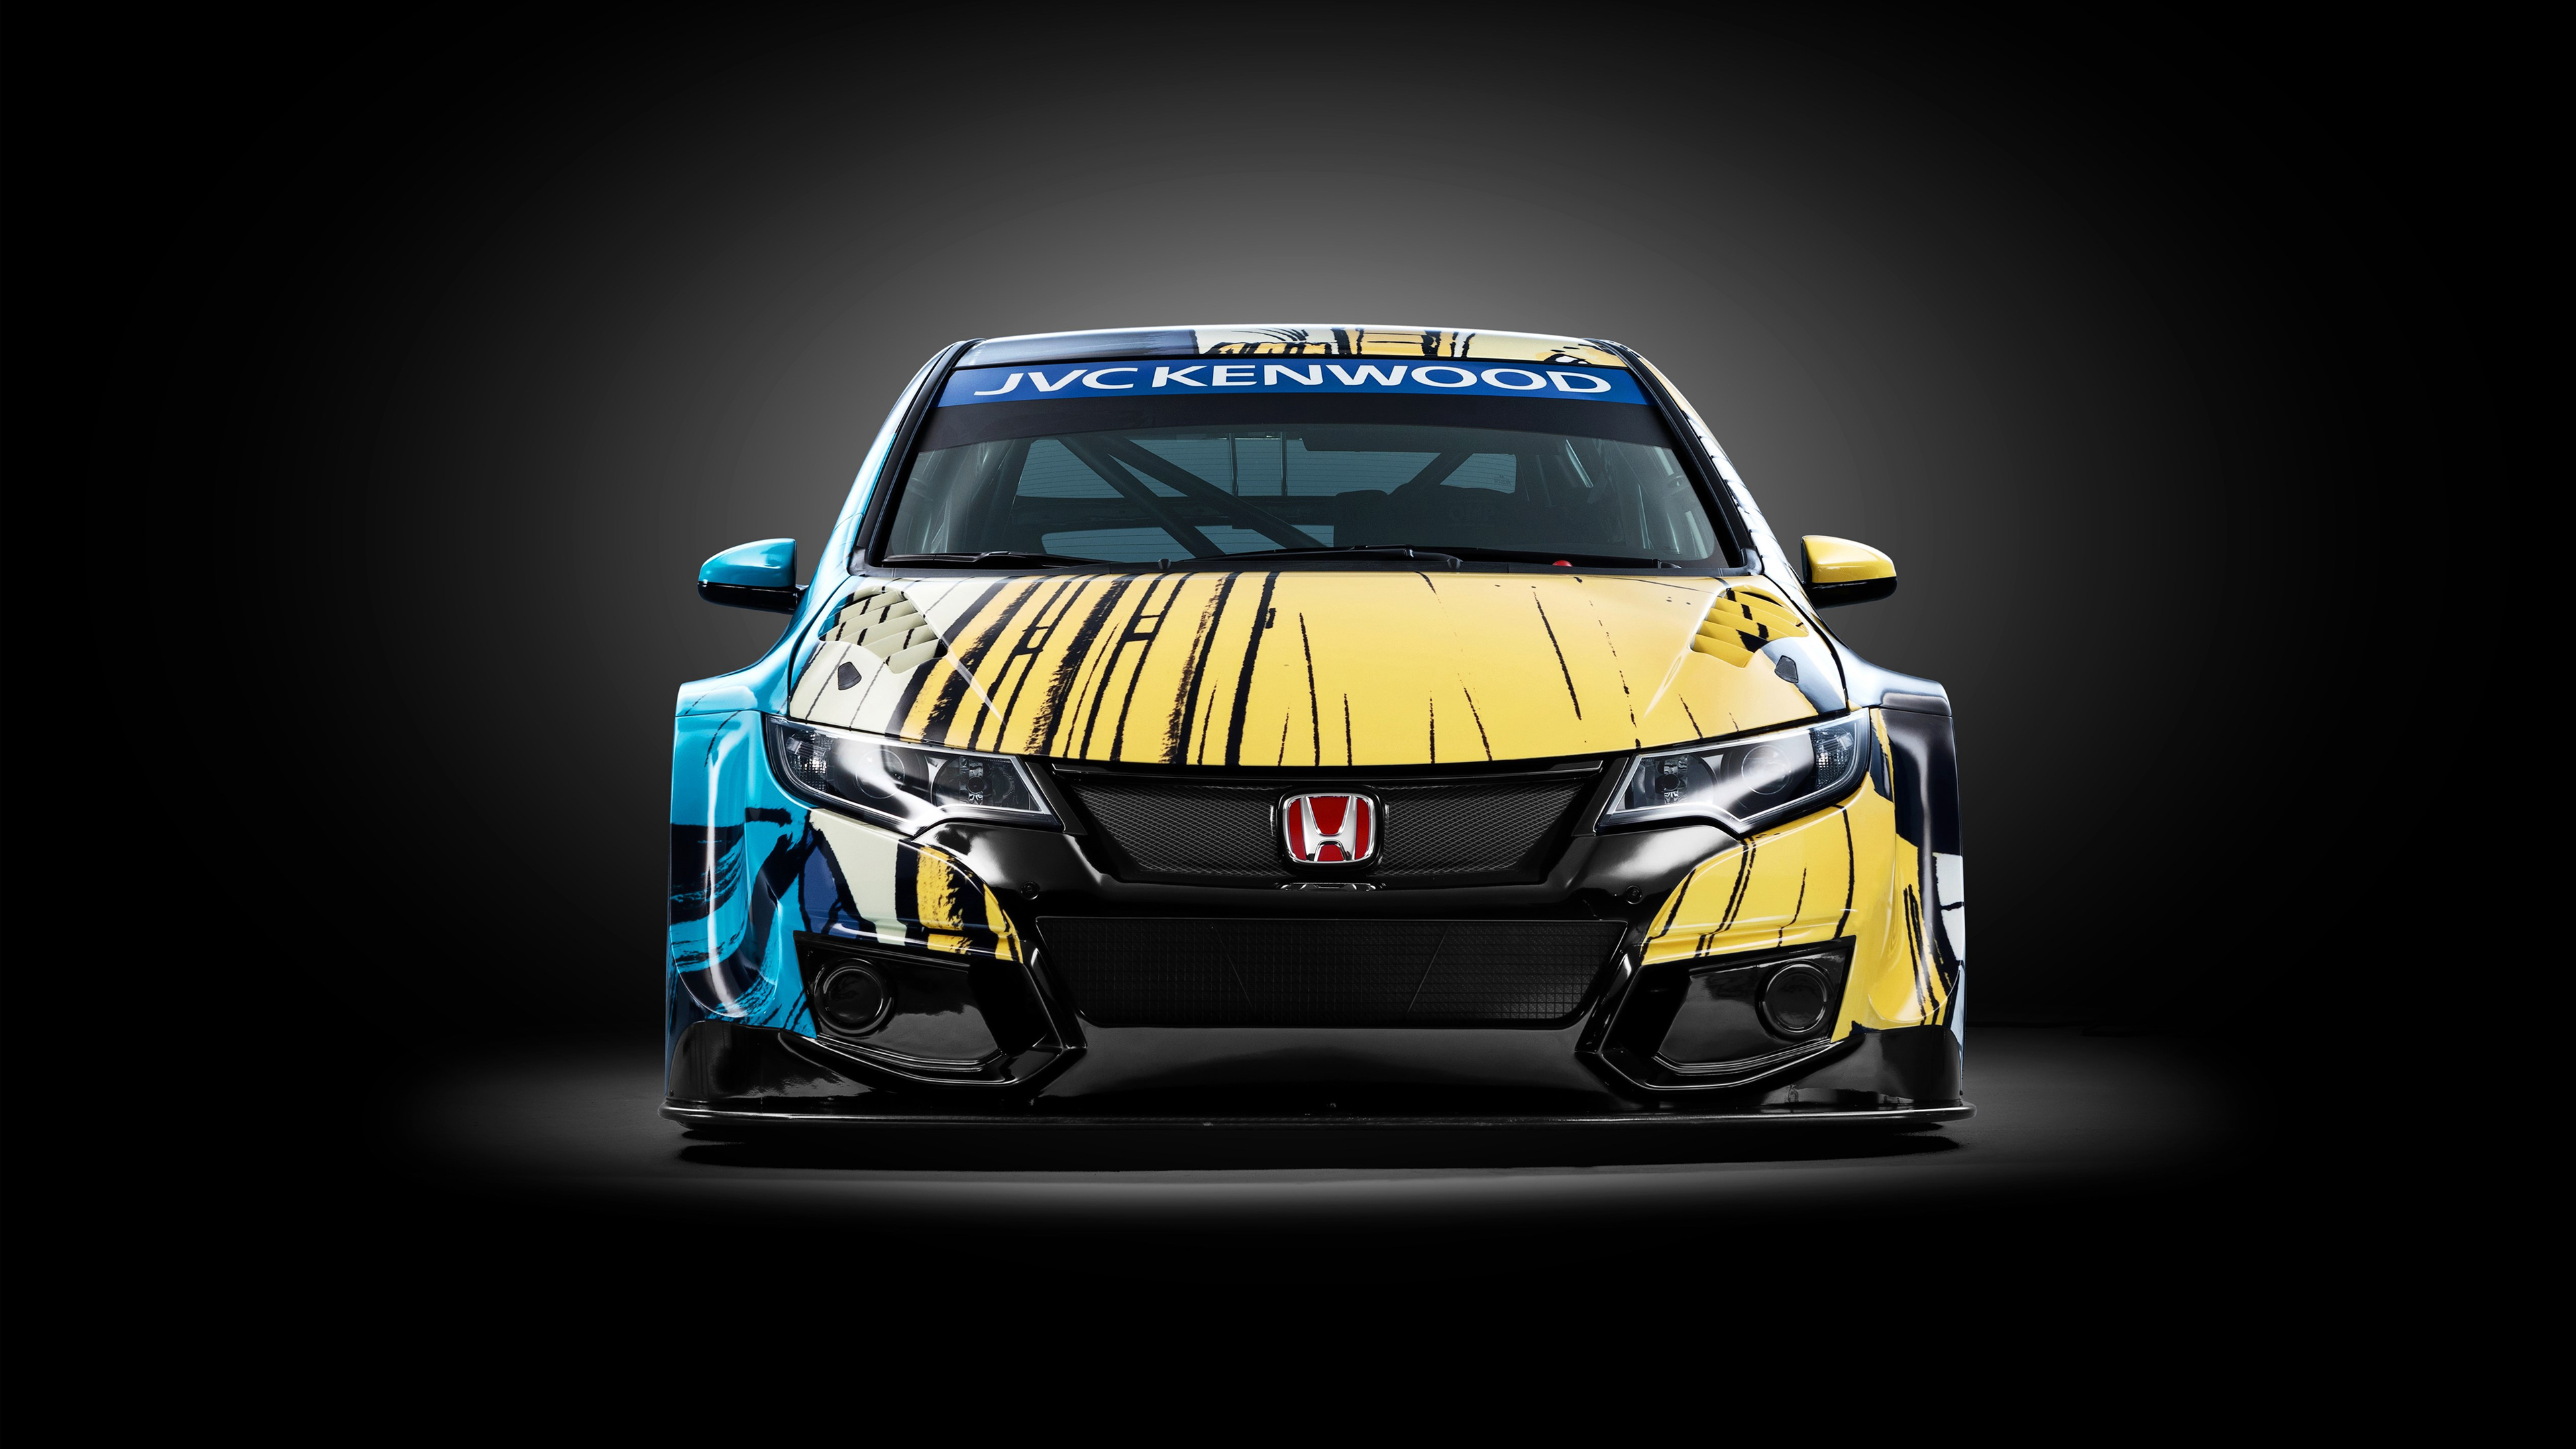 4k Car Wallpaper Koenigsegg Rs Honda Civic Wtcc Wallpaper Hd Car Wallpapers Id 6679